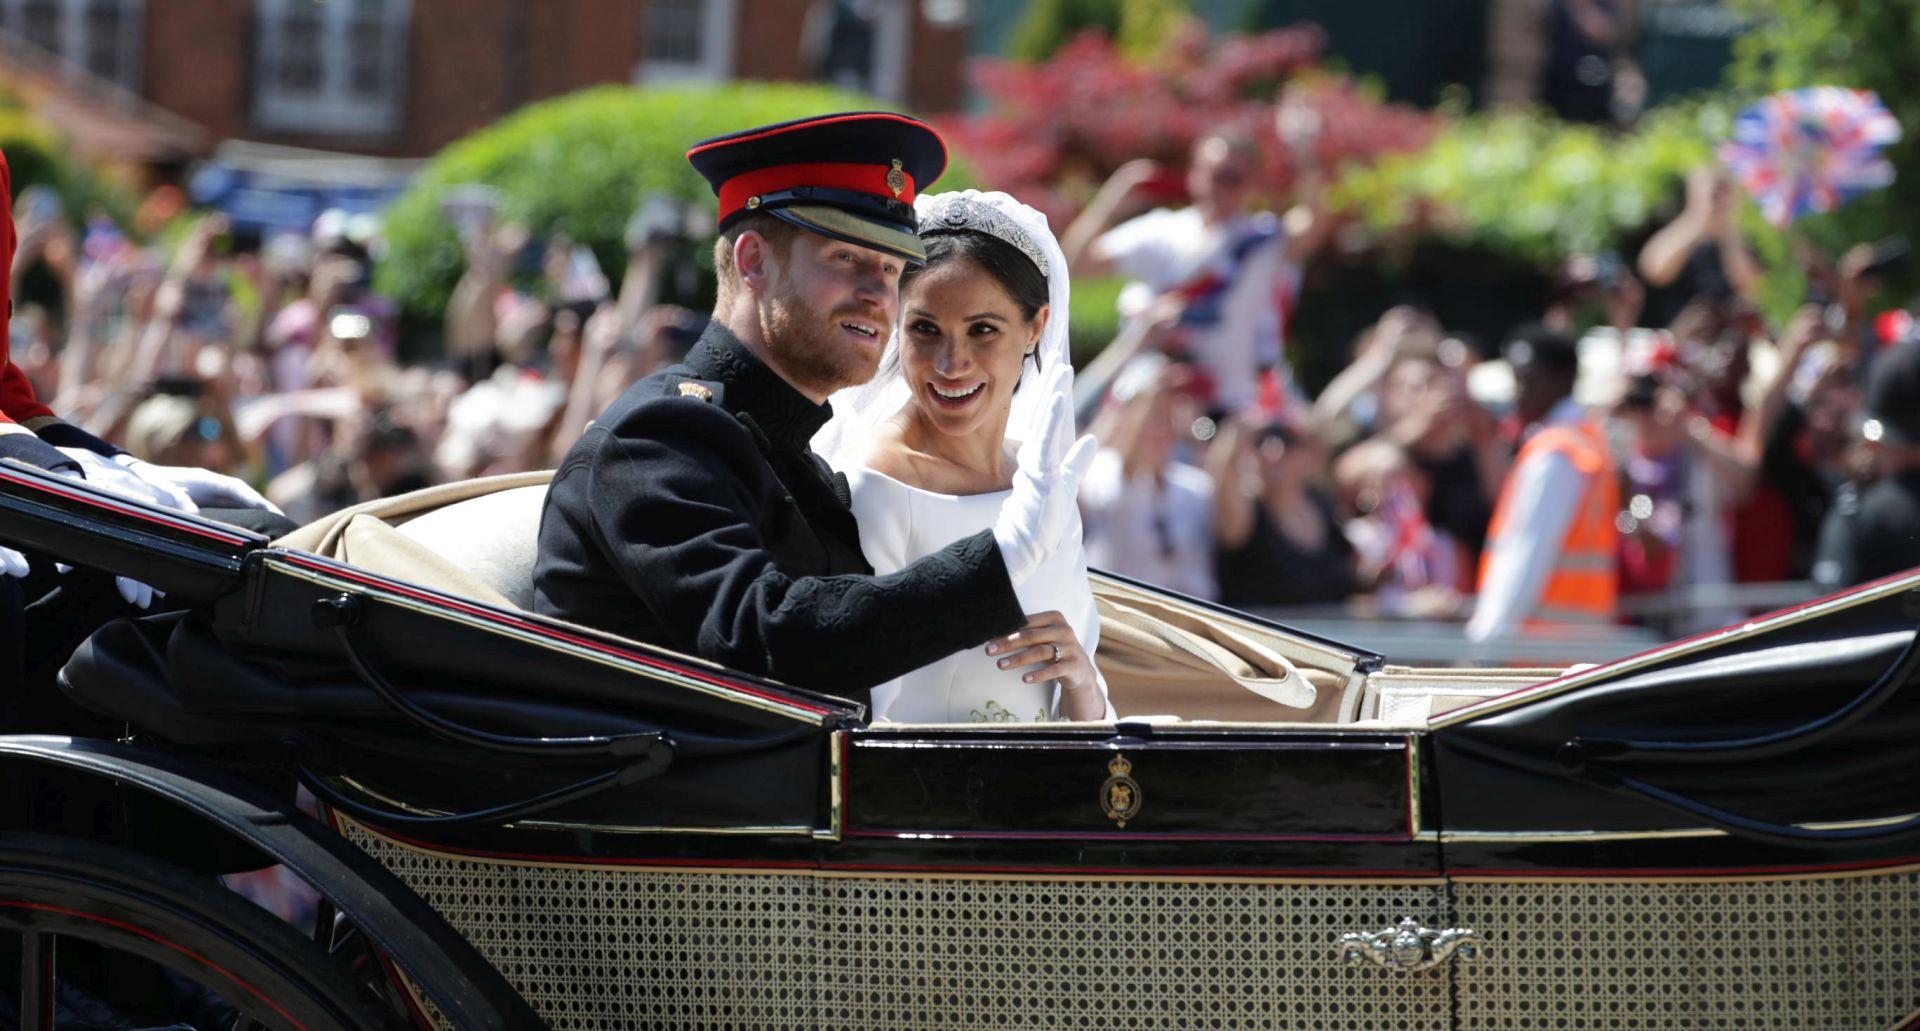 Kraljevska obitelj zahvalila javnosti